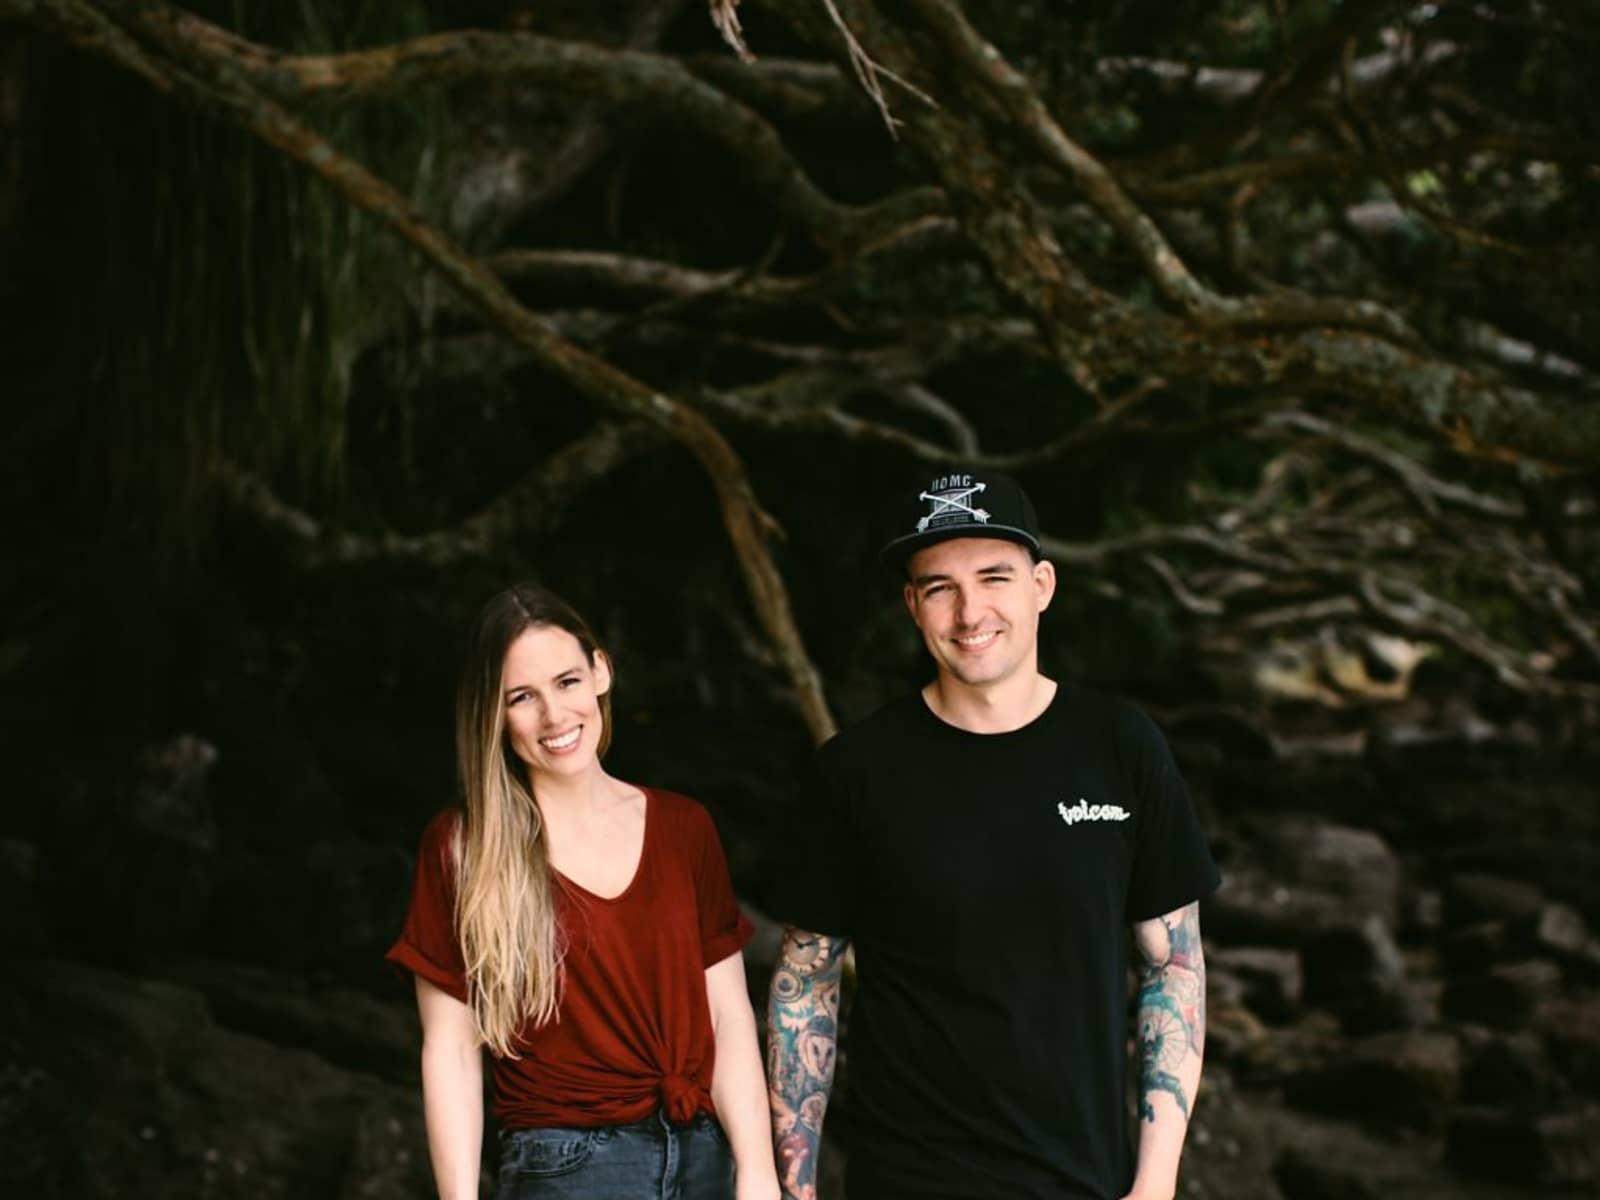 Shelley & Dan from Hamilton, New Zealand